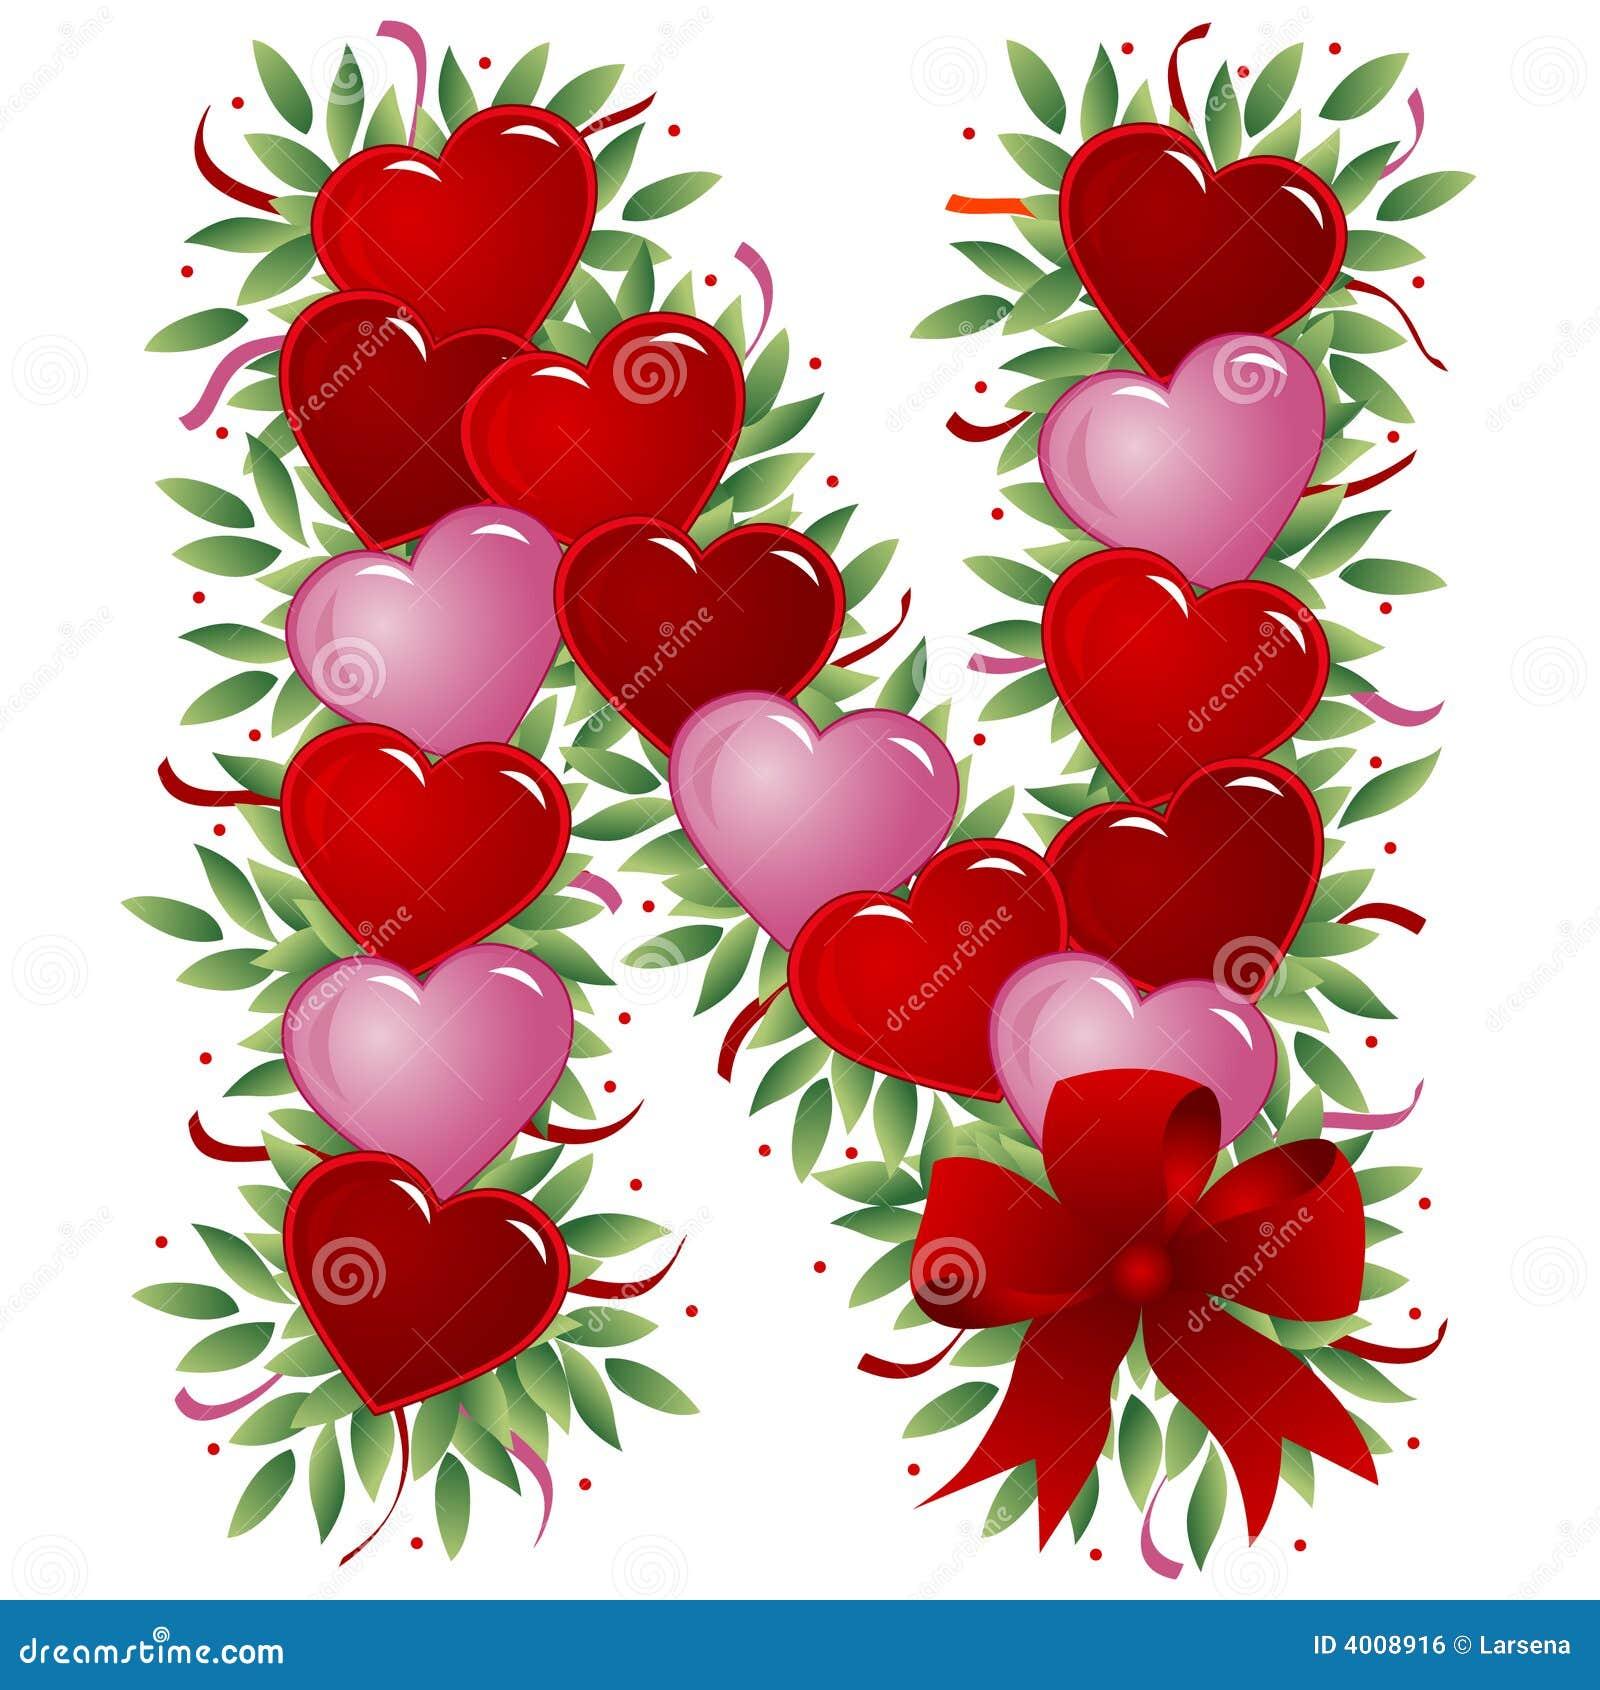 Royalty Free Stock Image Letter N Valentine Letter Image4008916 on Letter U Video Download